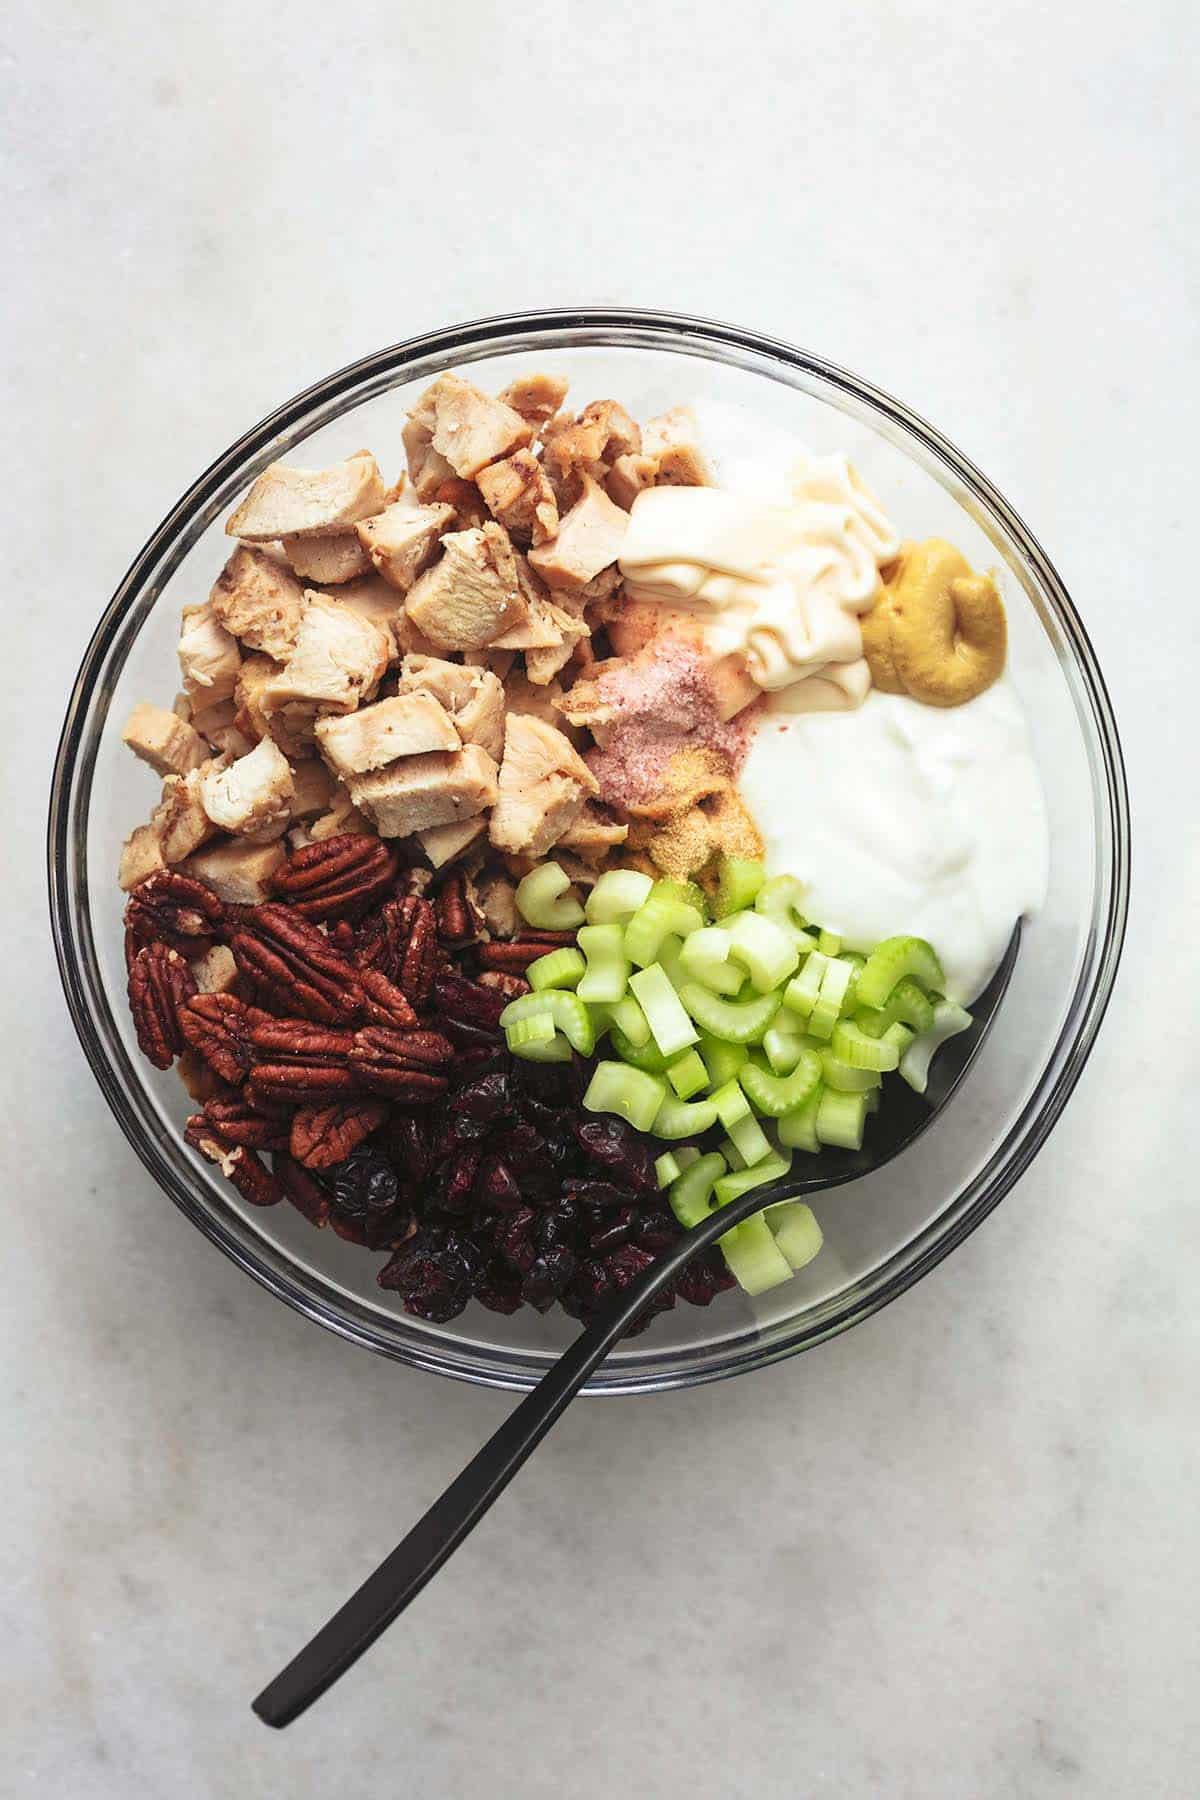 celery, turkey, greek yogurt, pecans, dried cranberries and seasonings in clear glass bowl